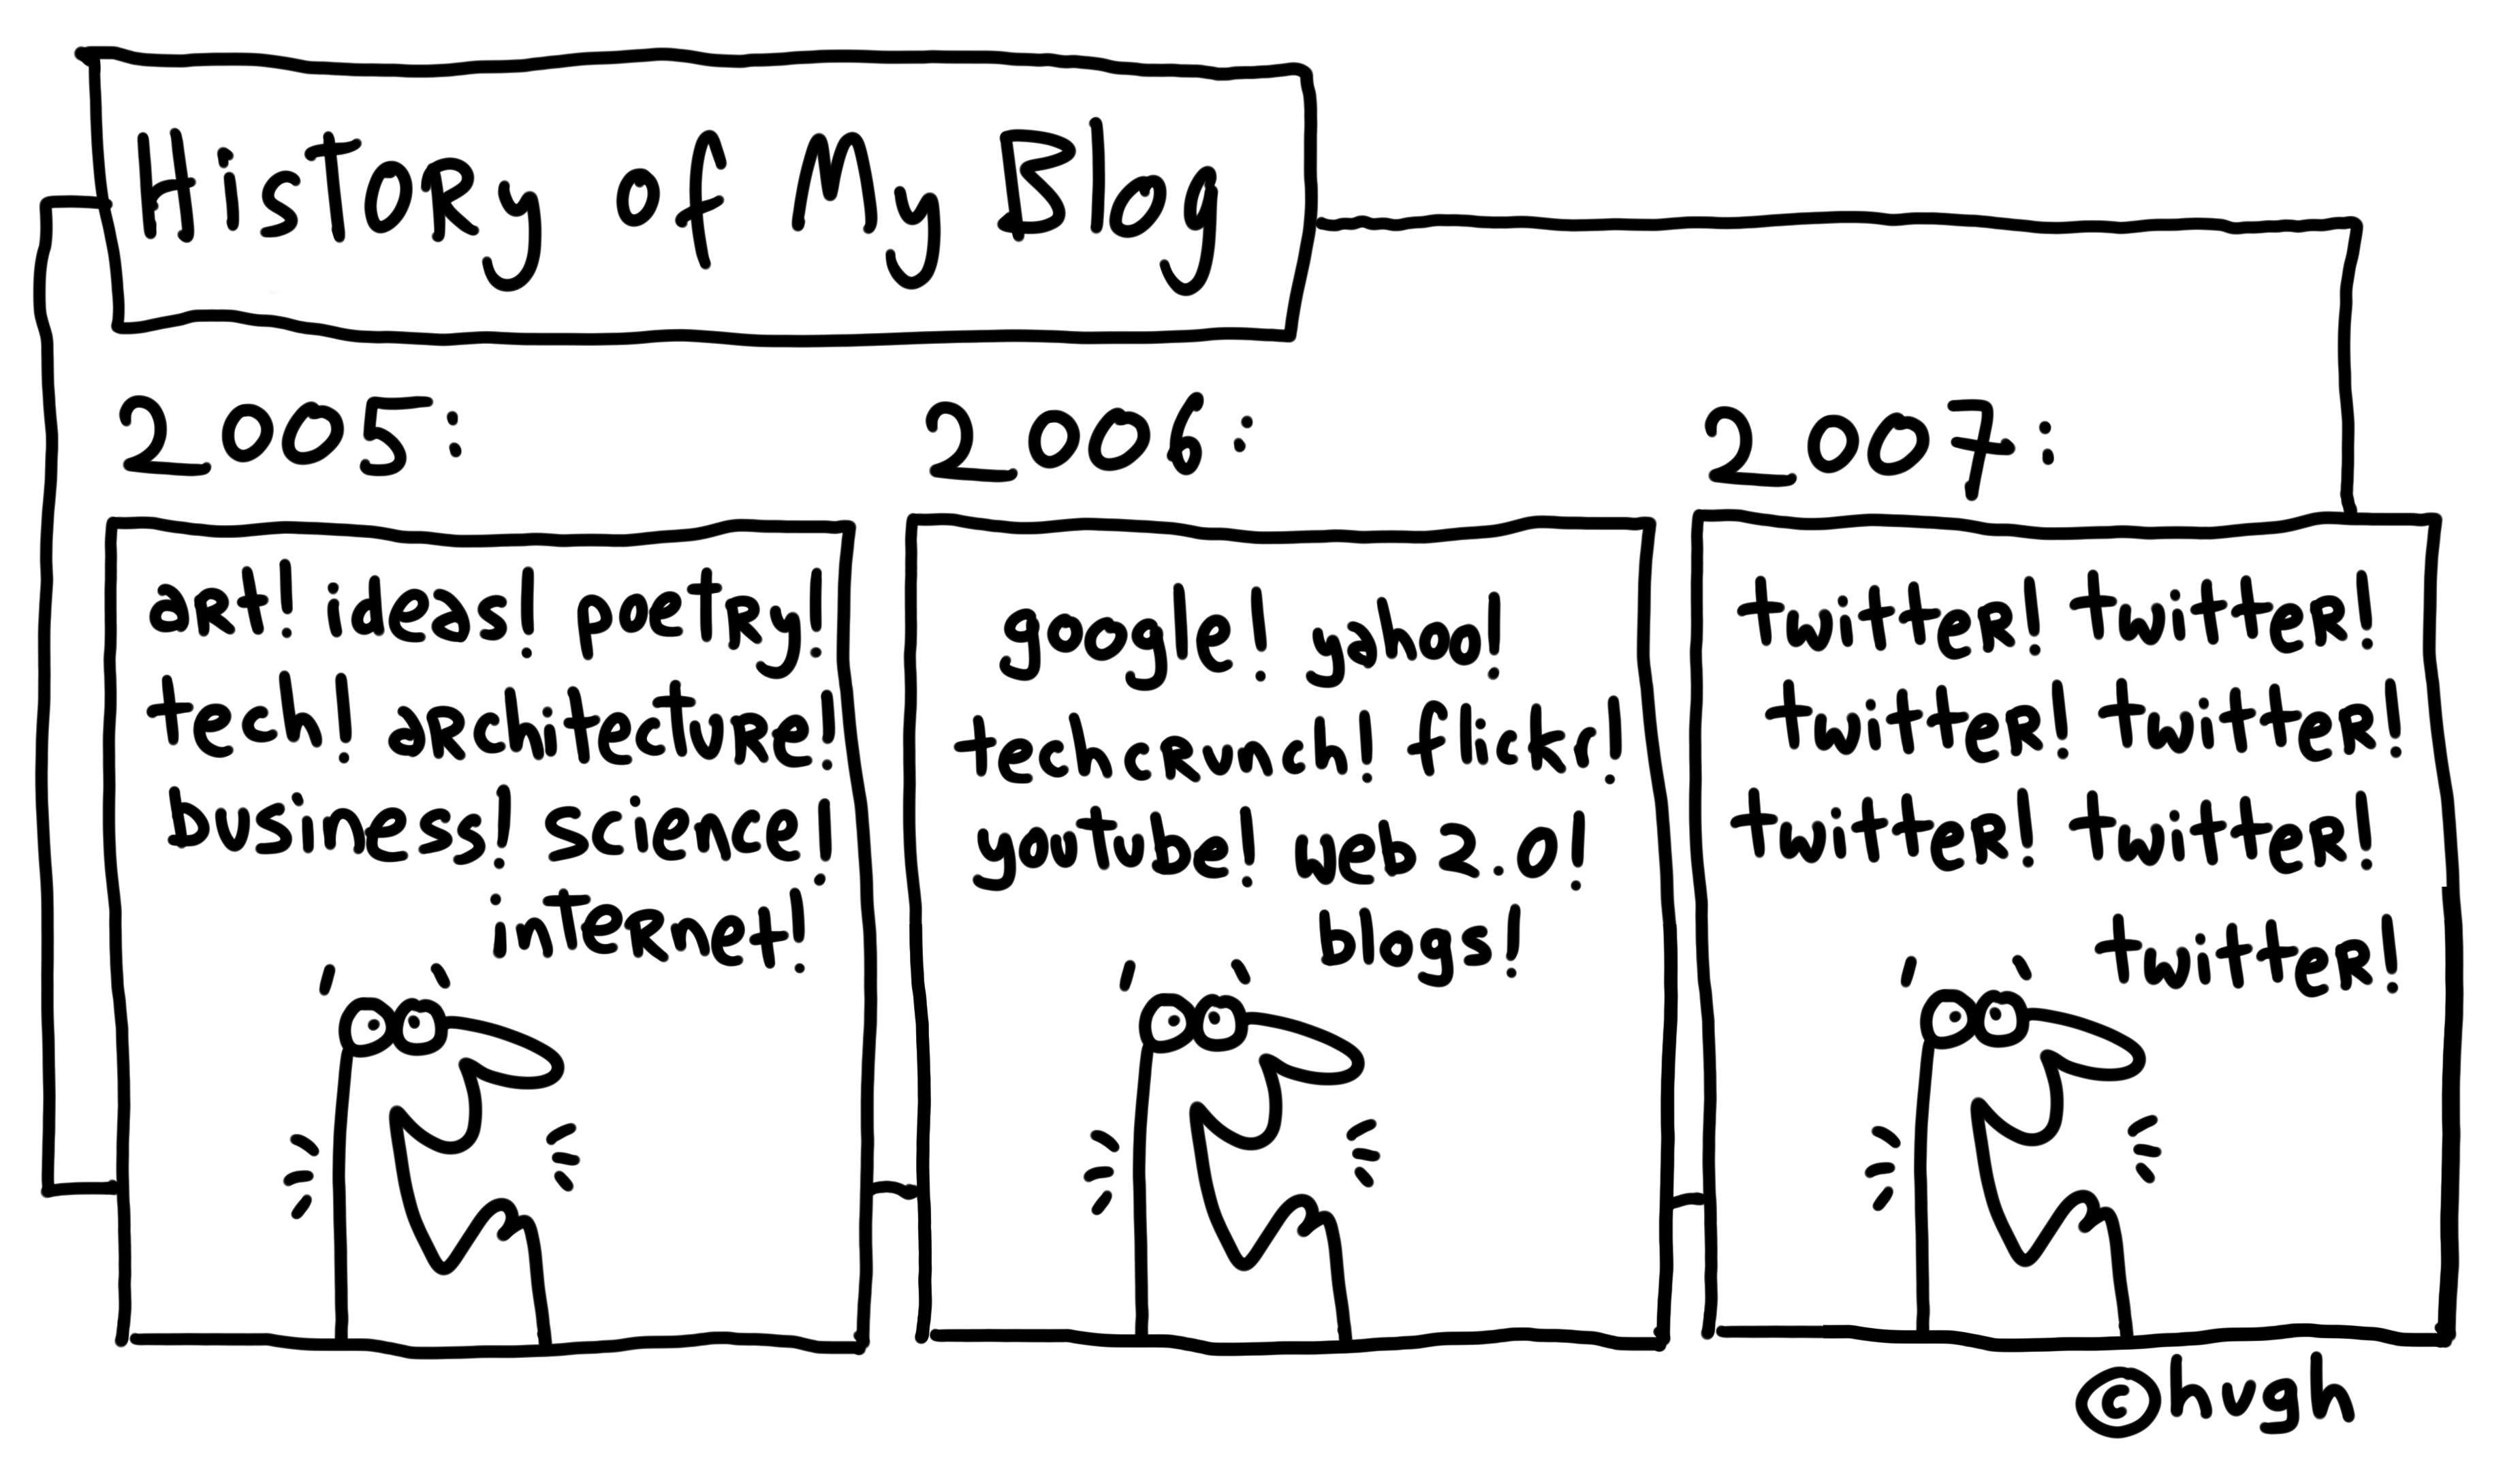 Historia de un Blog